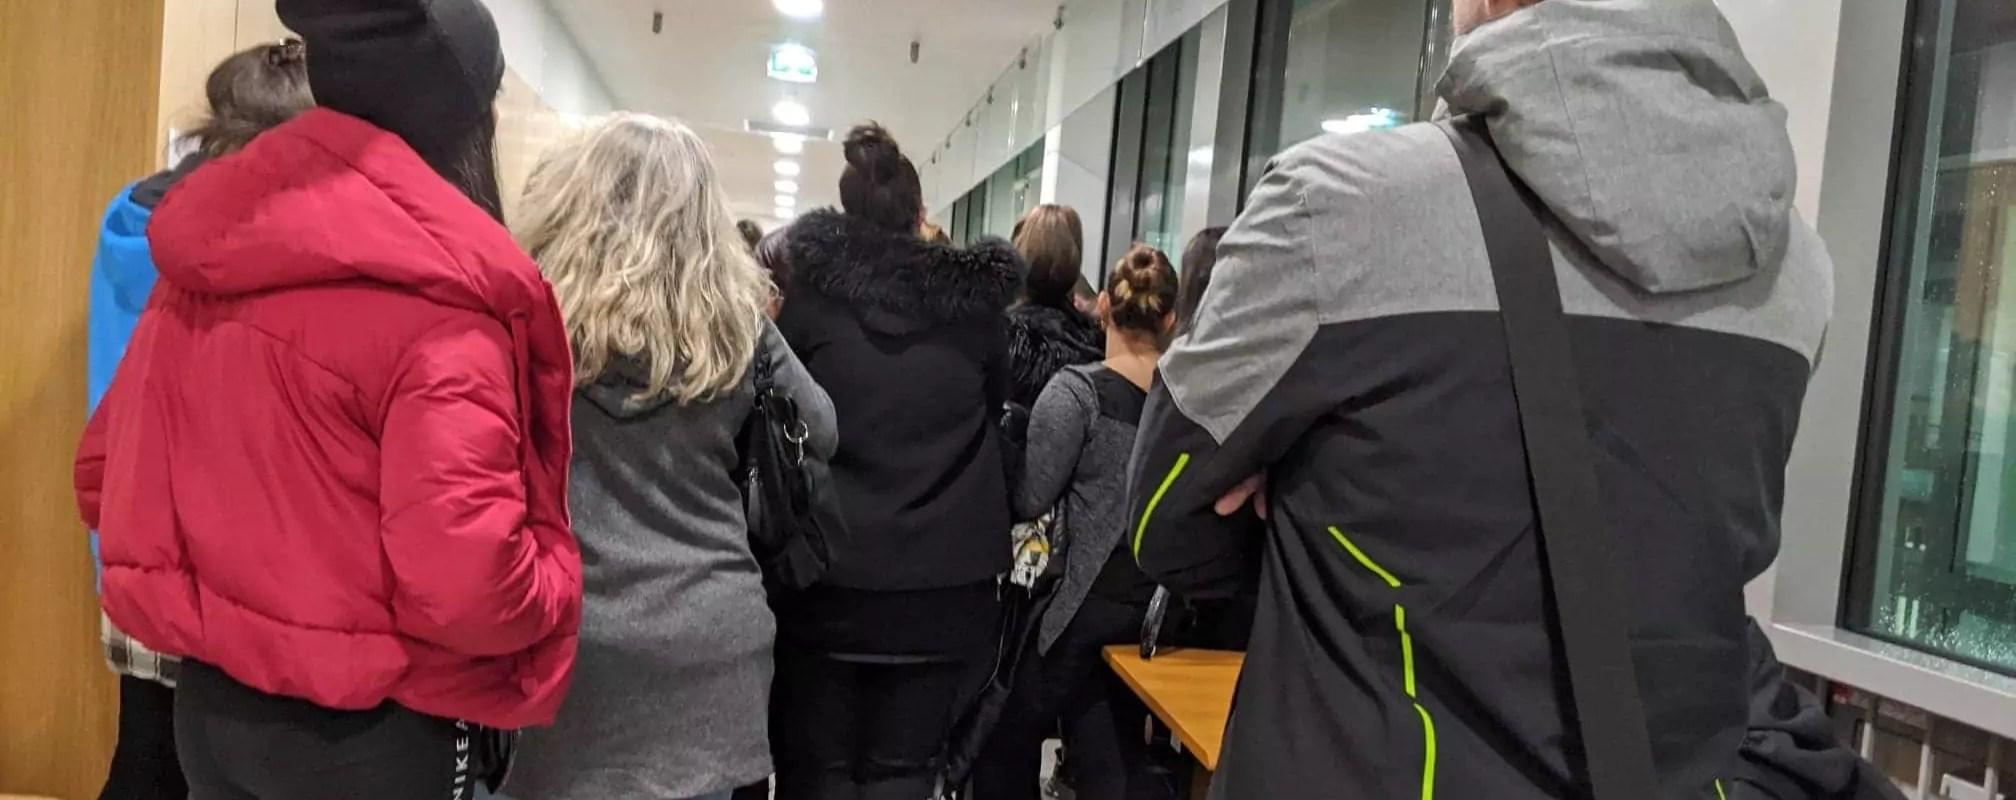 Au tribunal, la chute de quelques pions du trafic de stup' à l'Elsau